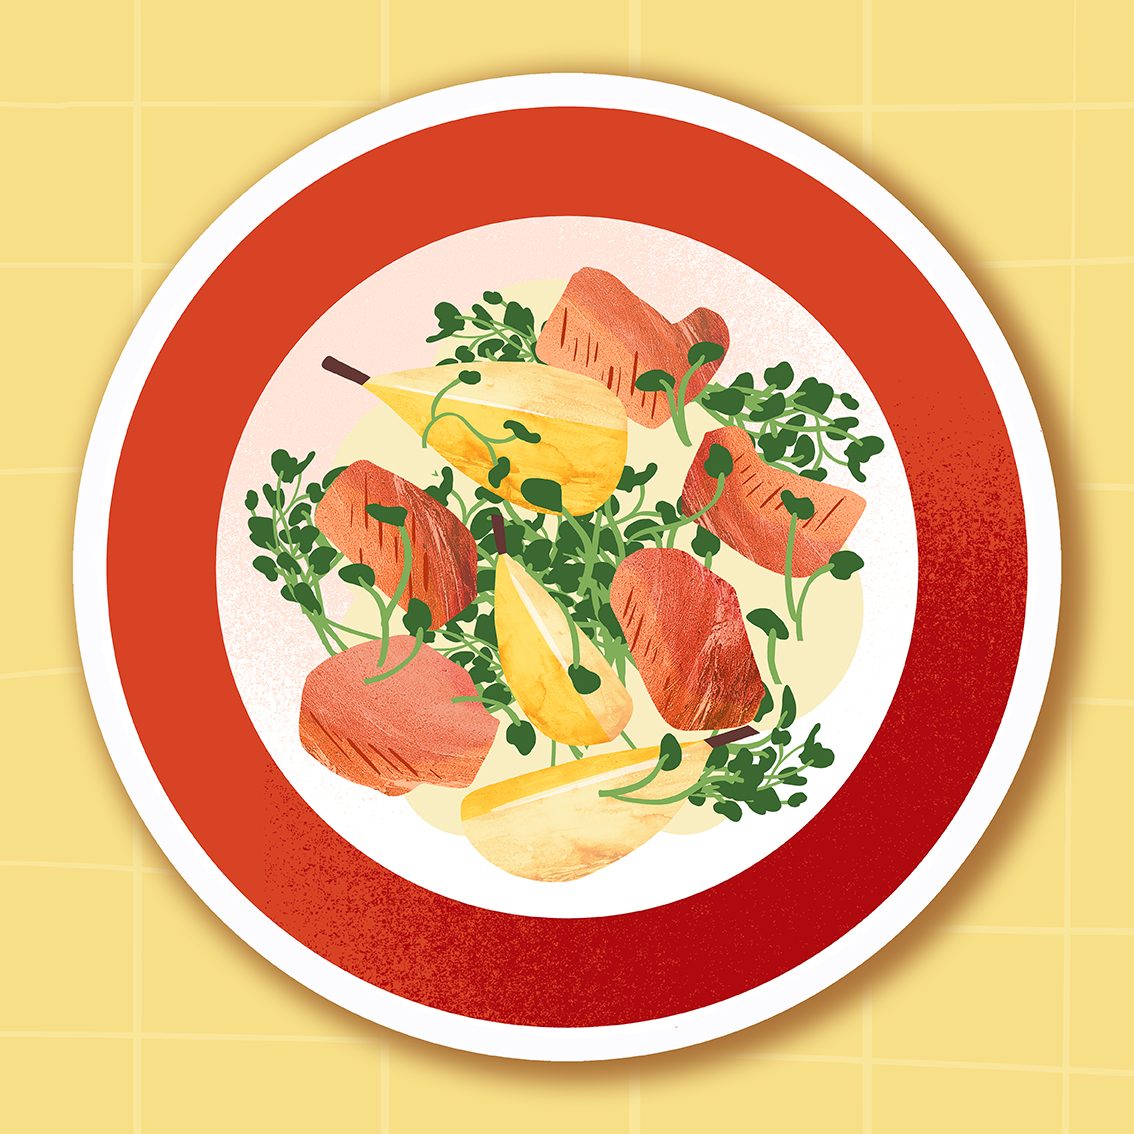 Clod illustration cuisine : les légumes